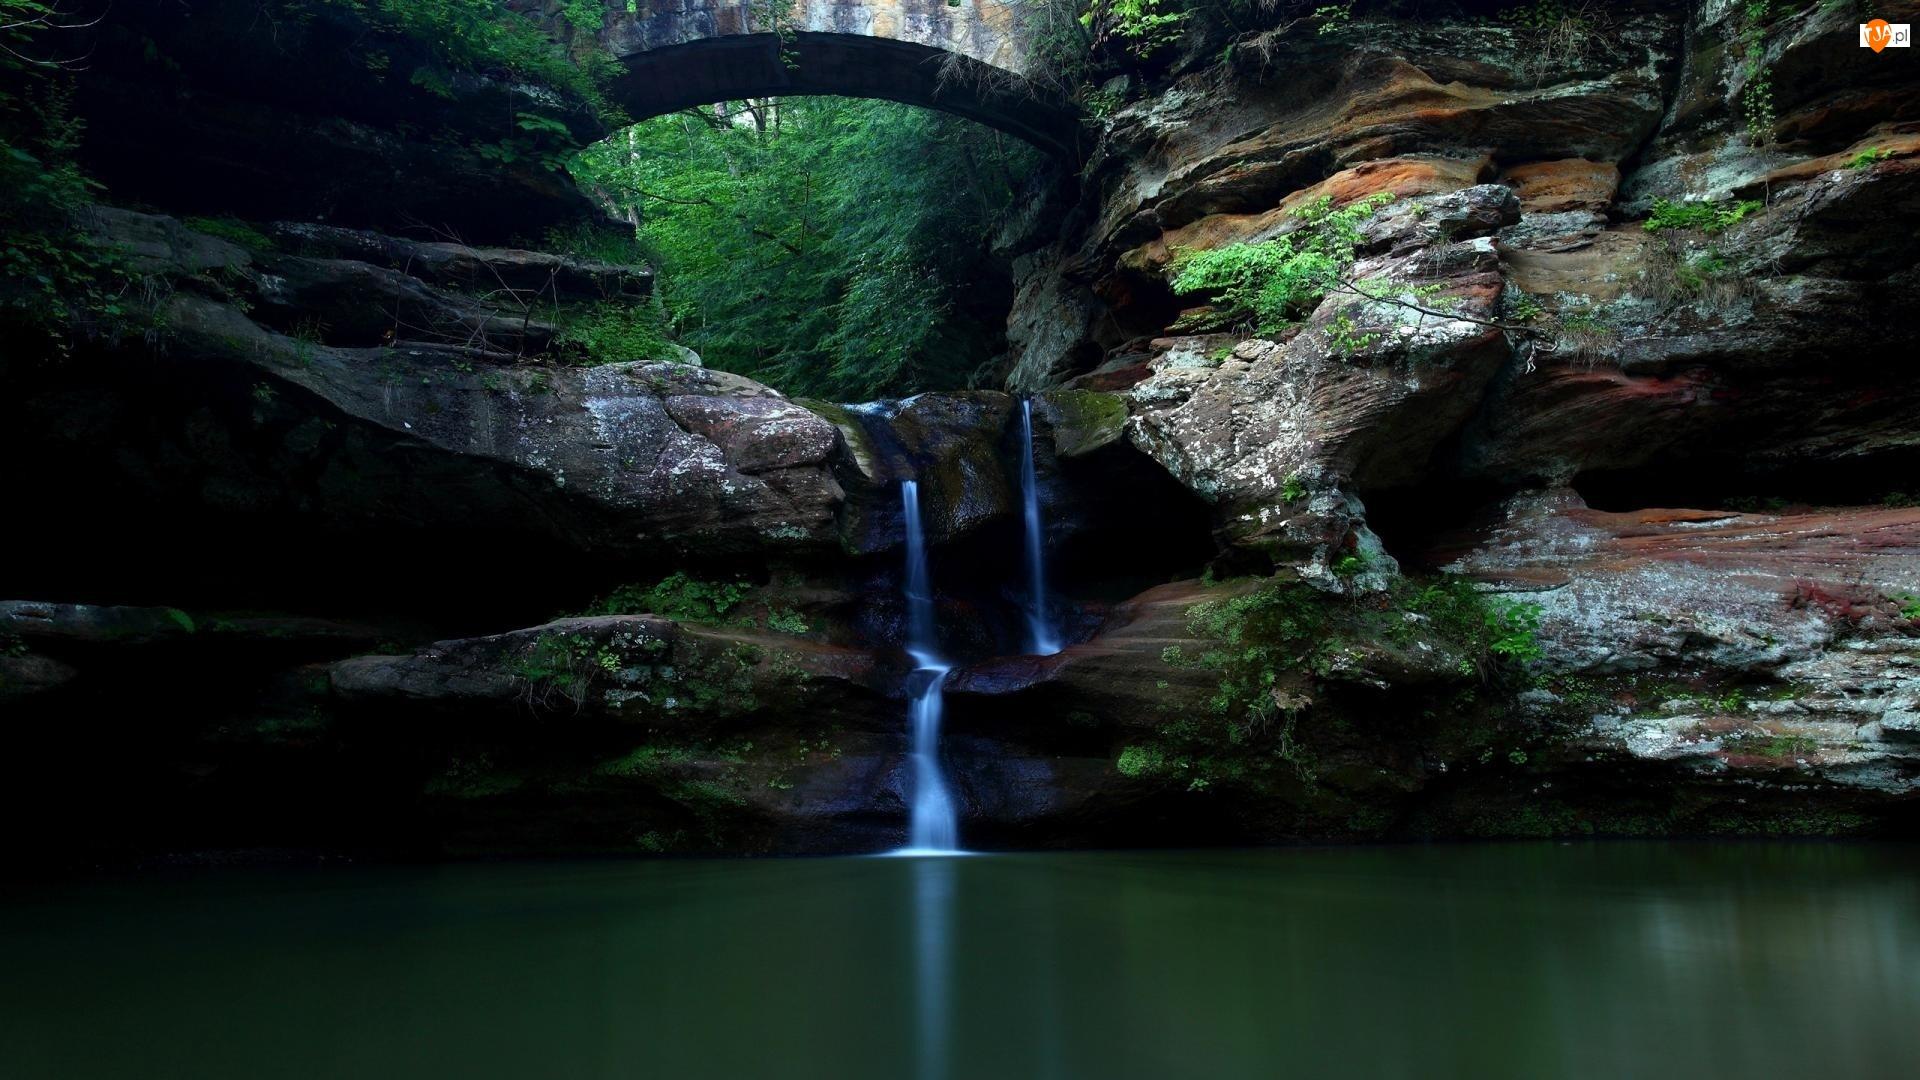 Jaskinia, Jezioro, Wodospadzik, Skały